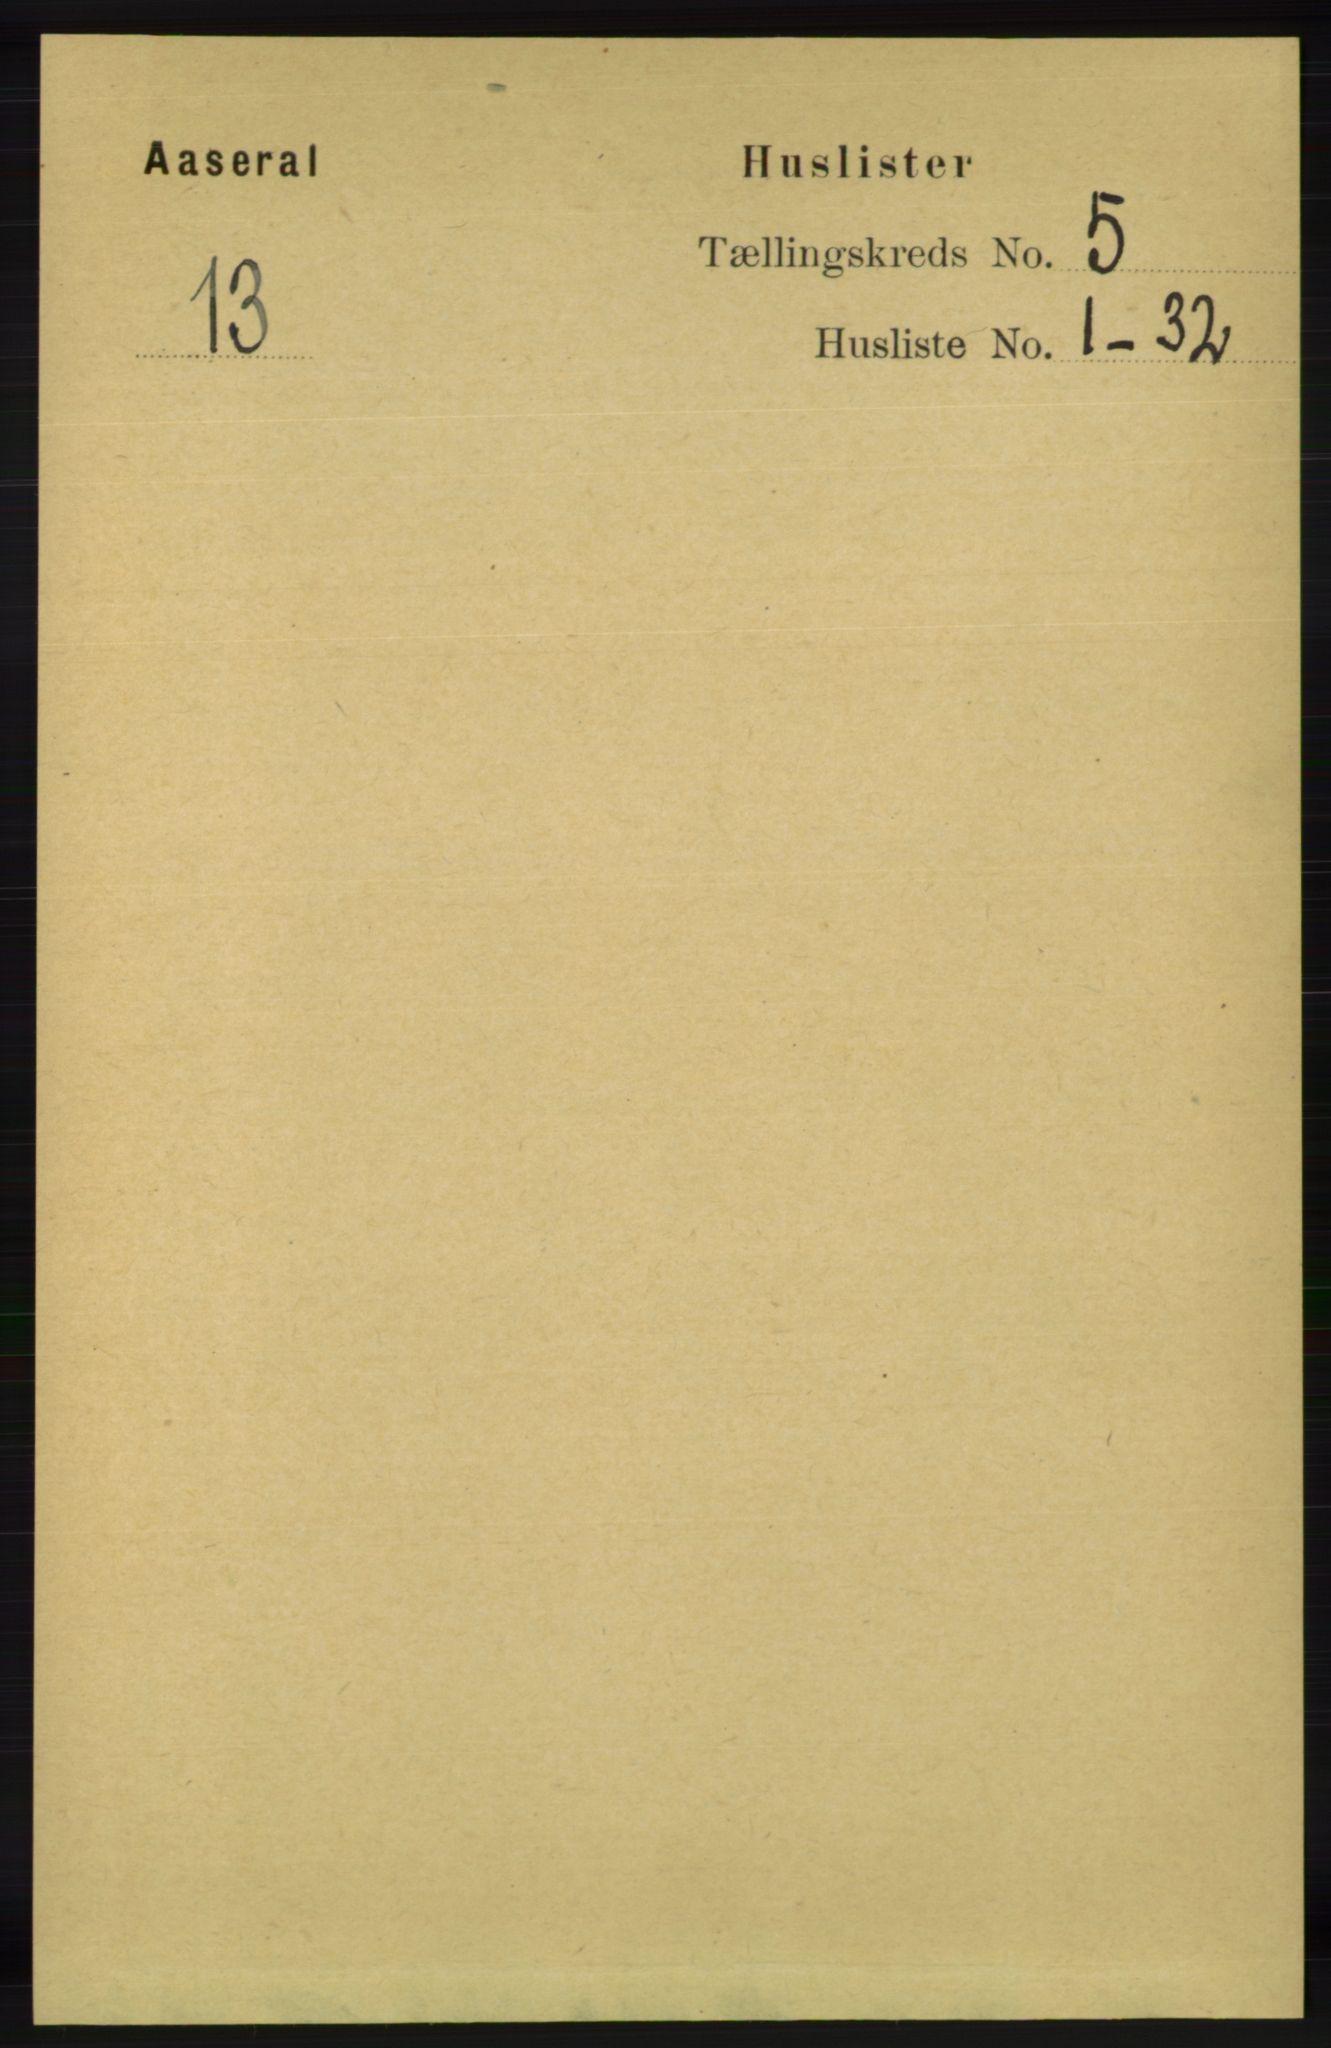 RA, Folketelling 1891 for 1026 Åseral herred, 1891, s. 1415